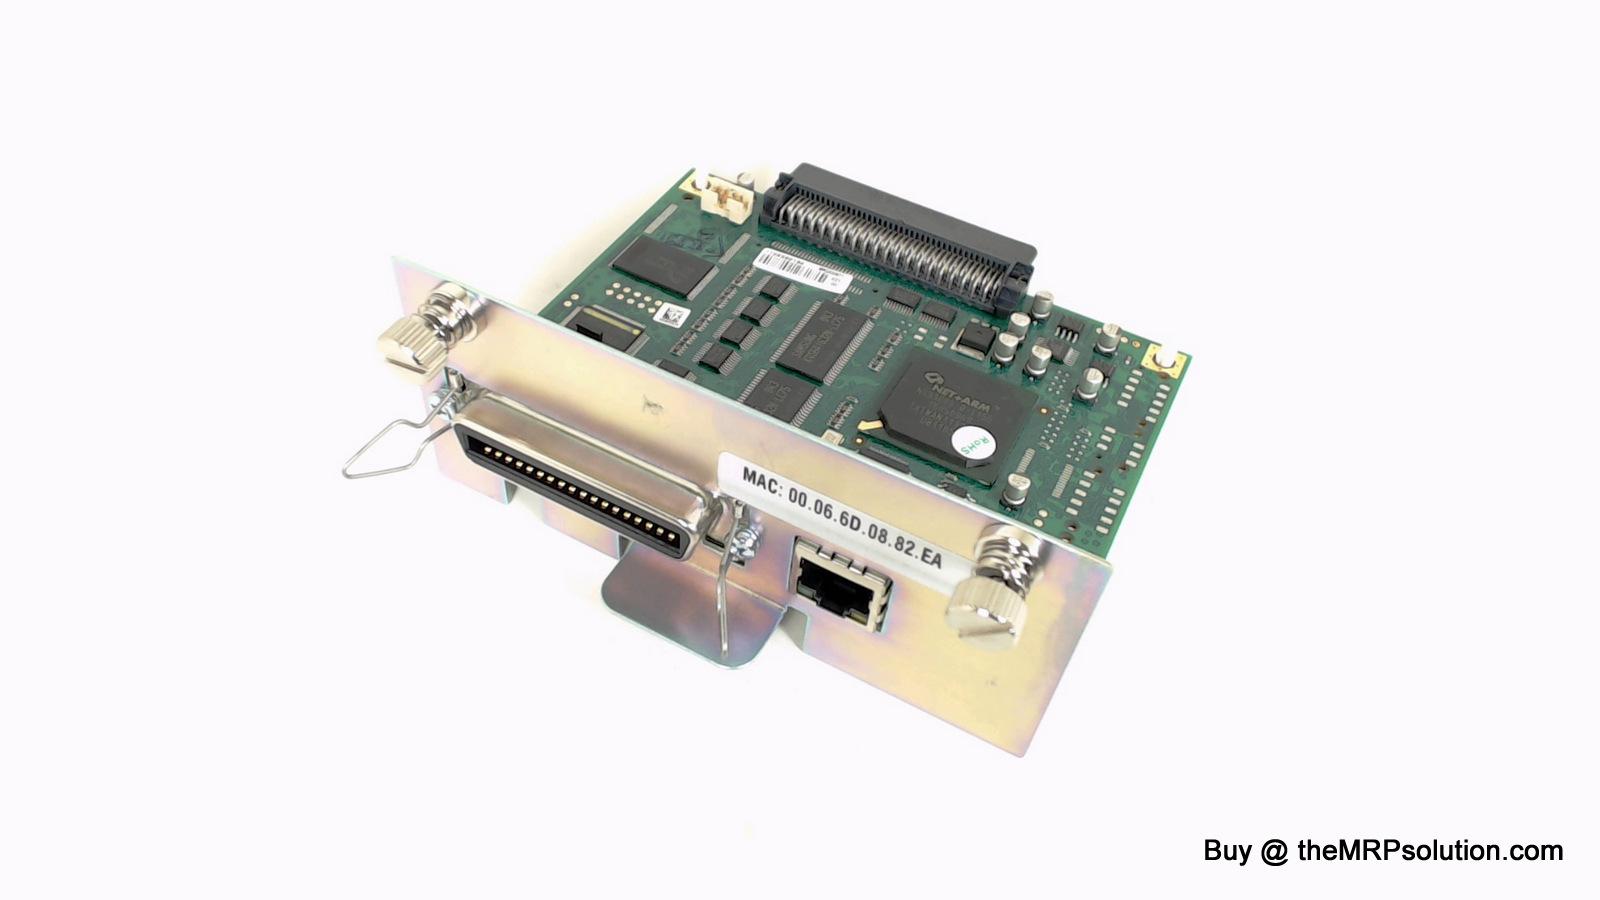 IBM 44D8406 PAR/ETHER CONTROLLER, 4247-X03 Refurbished